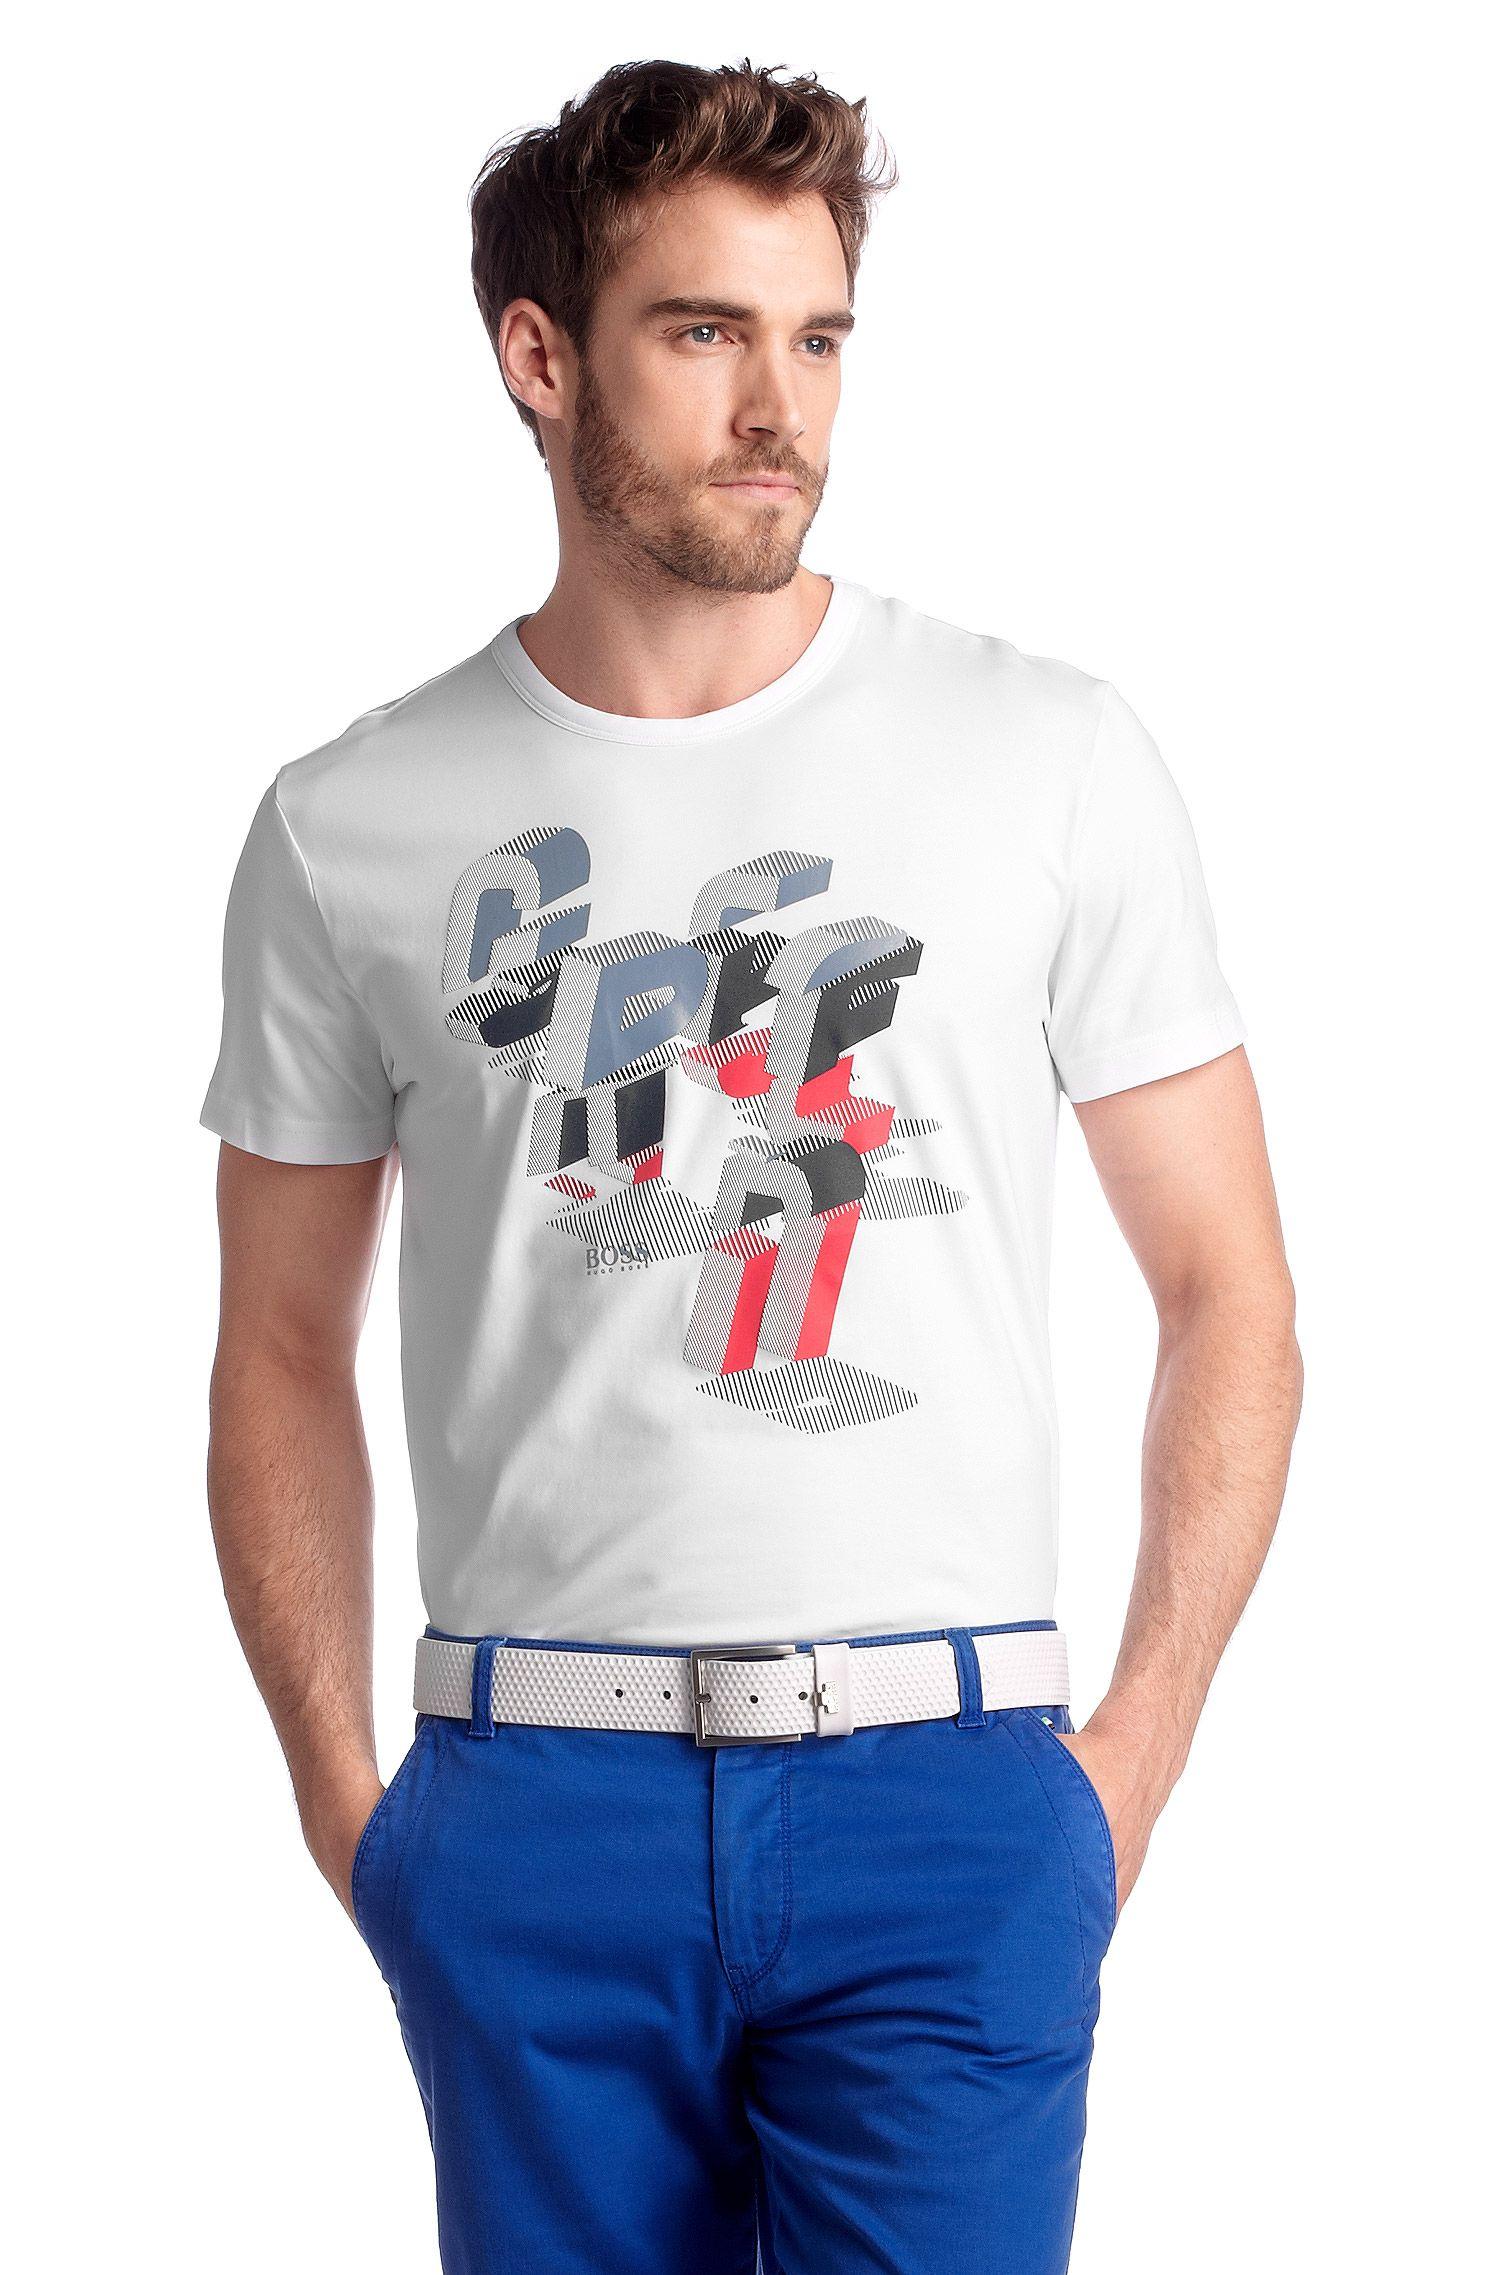 T-shirt à encolure ronde, Tee 5